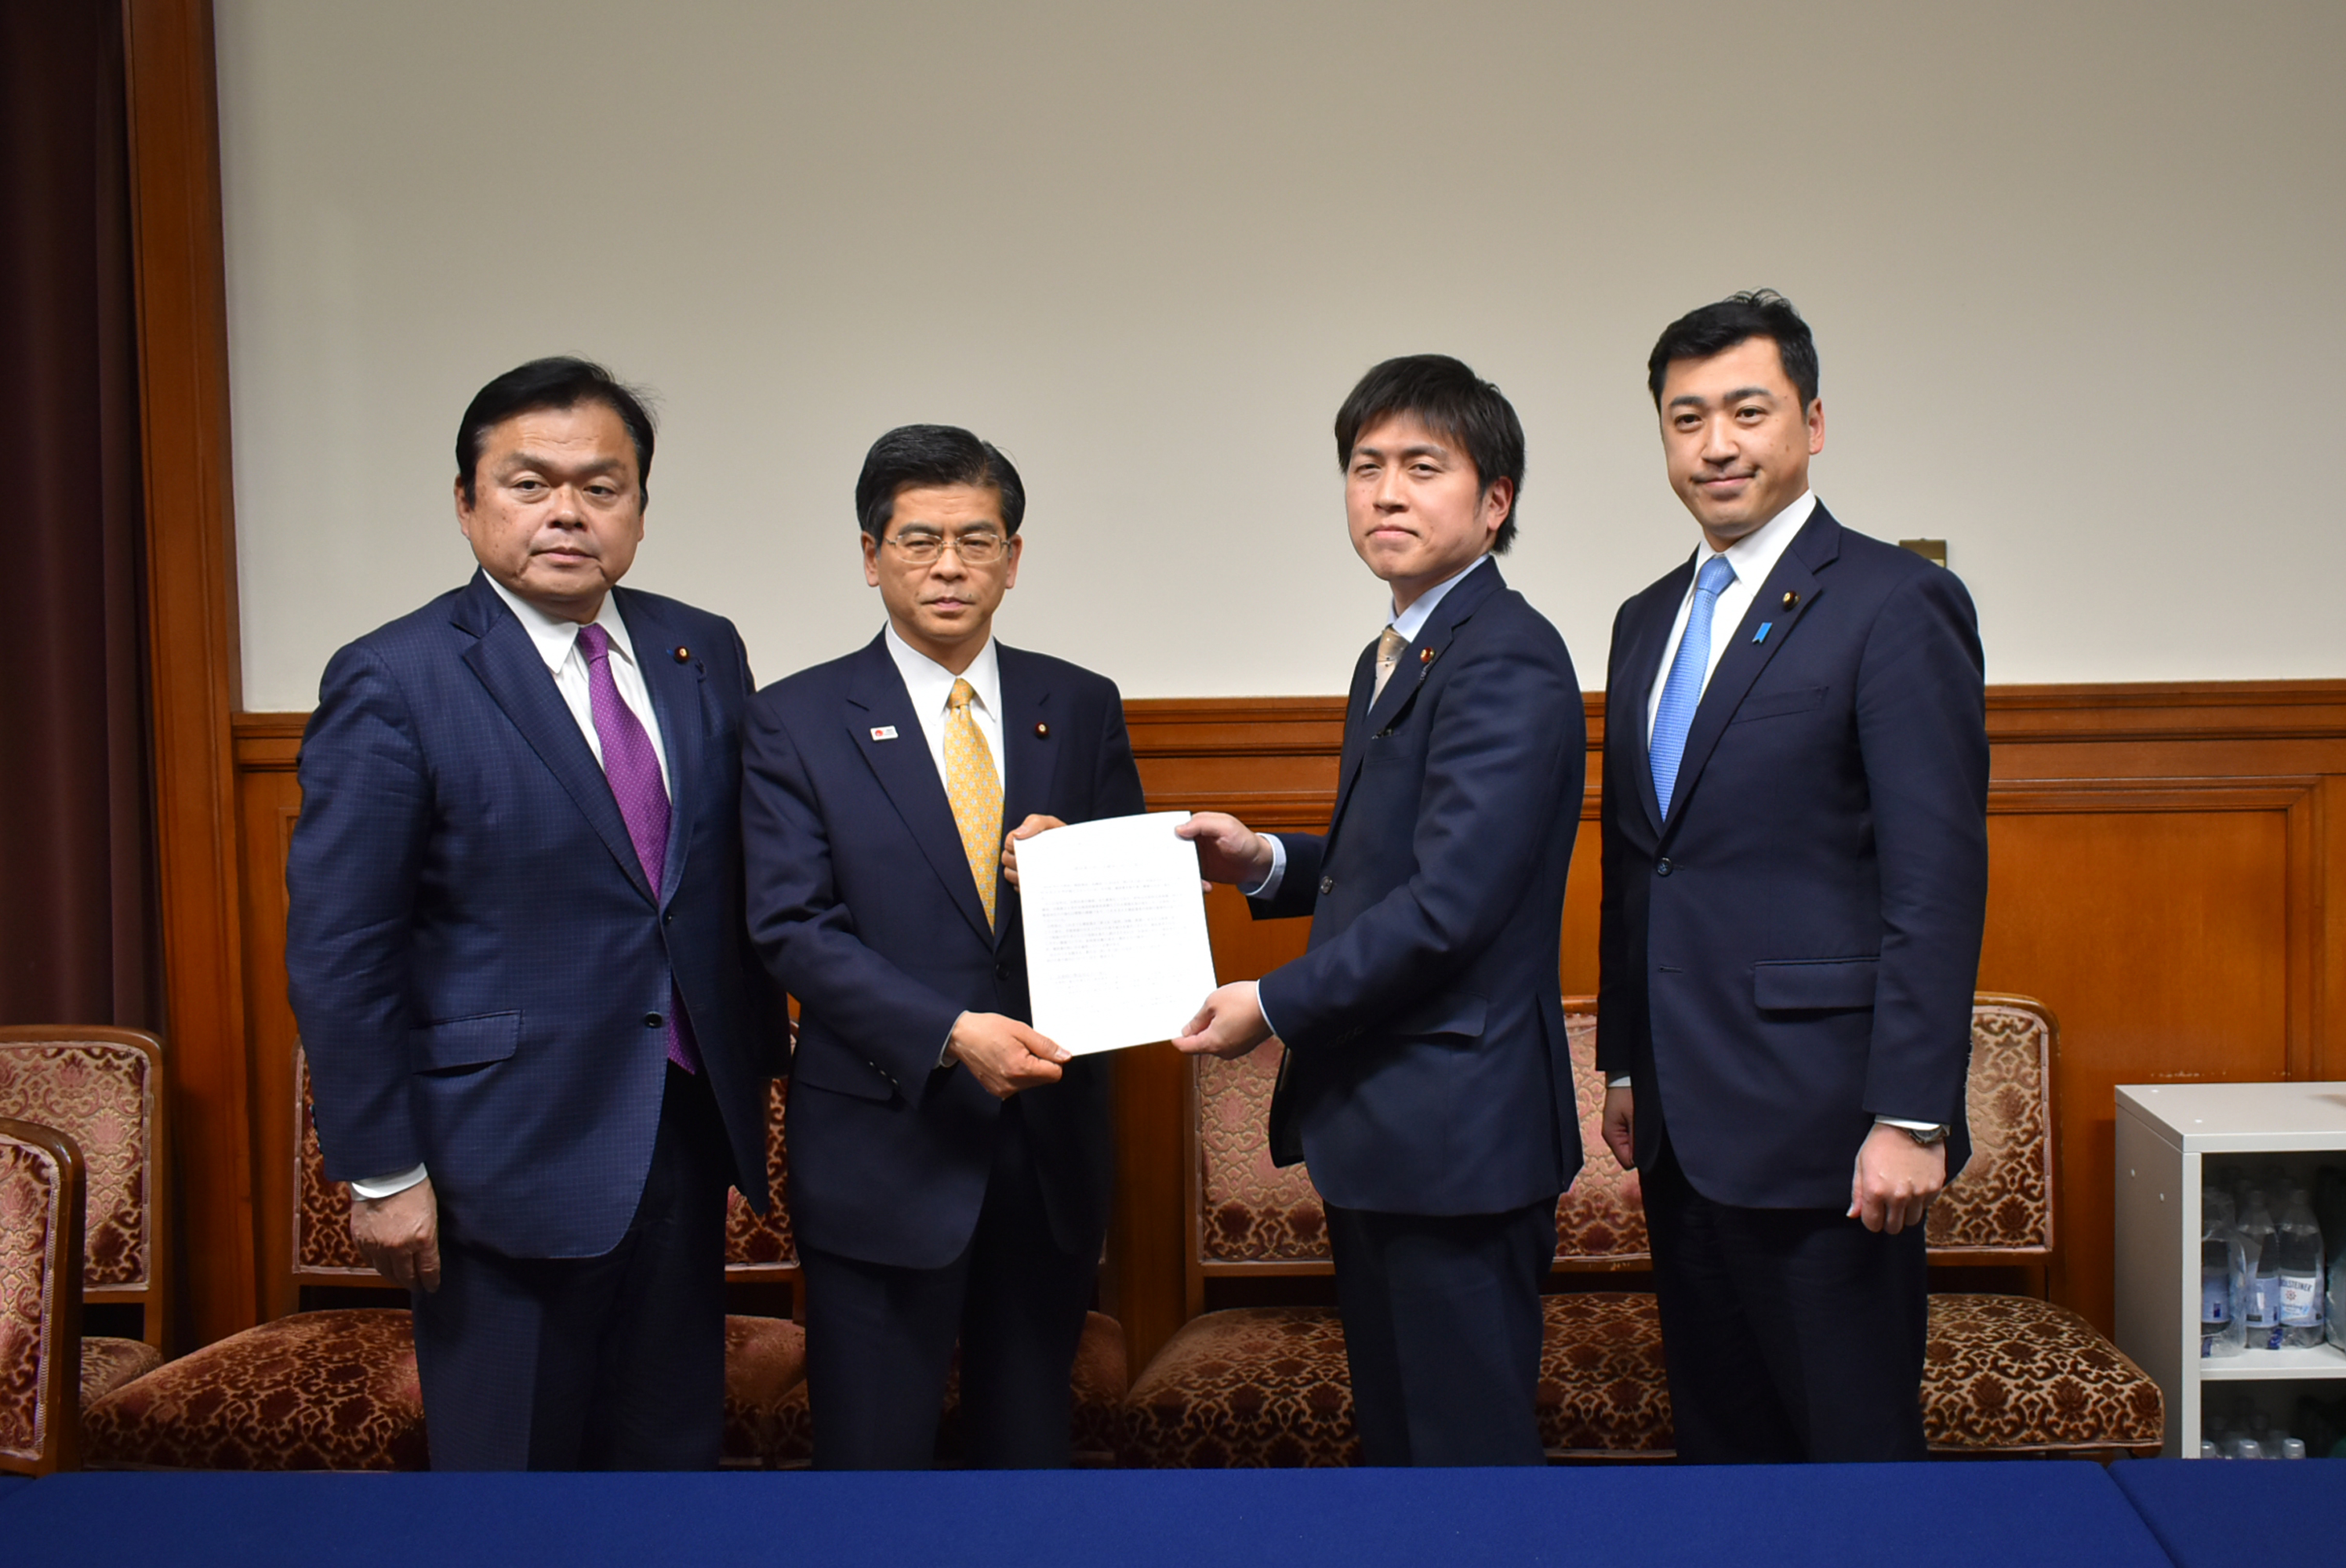 石井国交大臣に建設業の担い手確保について提言